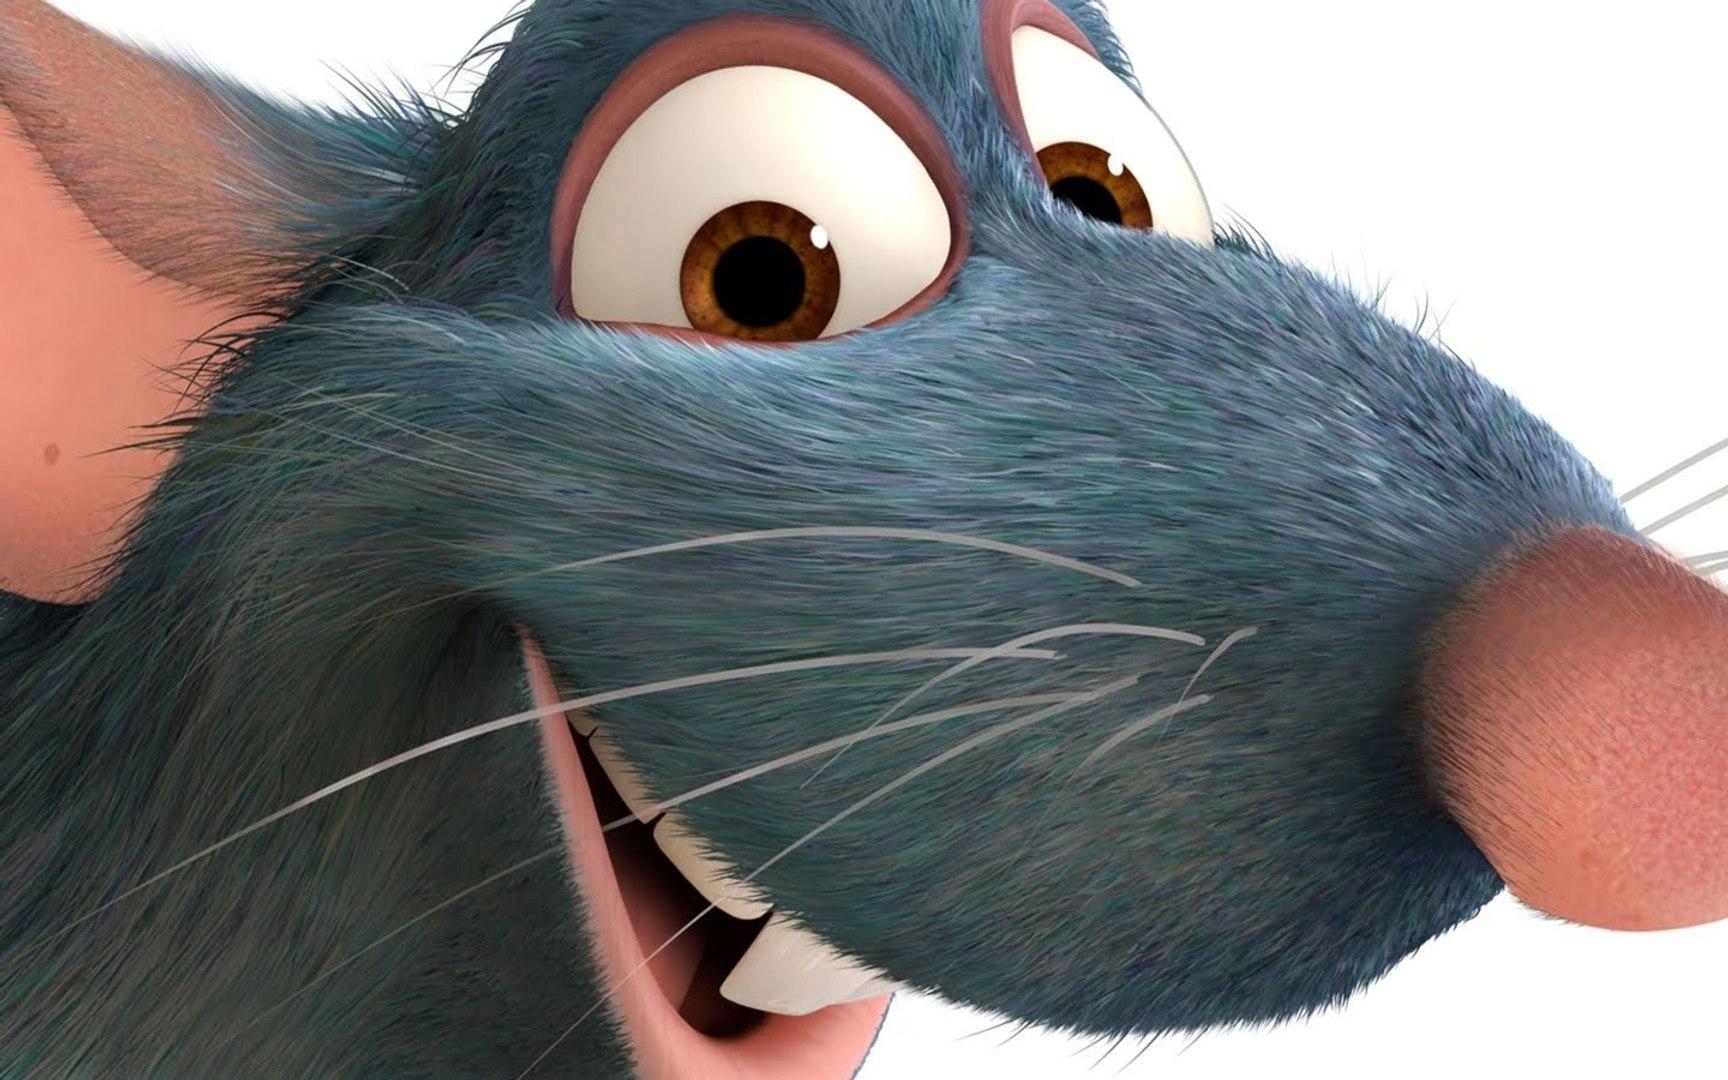 Peliculas De Disney En Español Latino Pelicula Completa Peliculas En Español Video Dailymotion